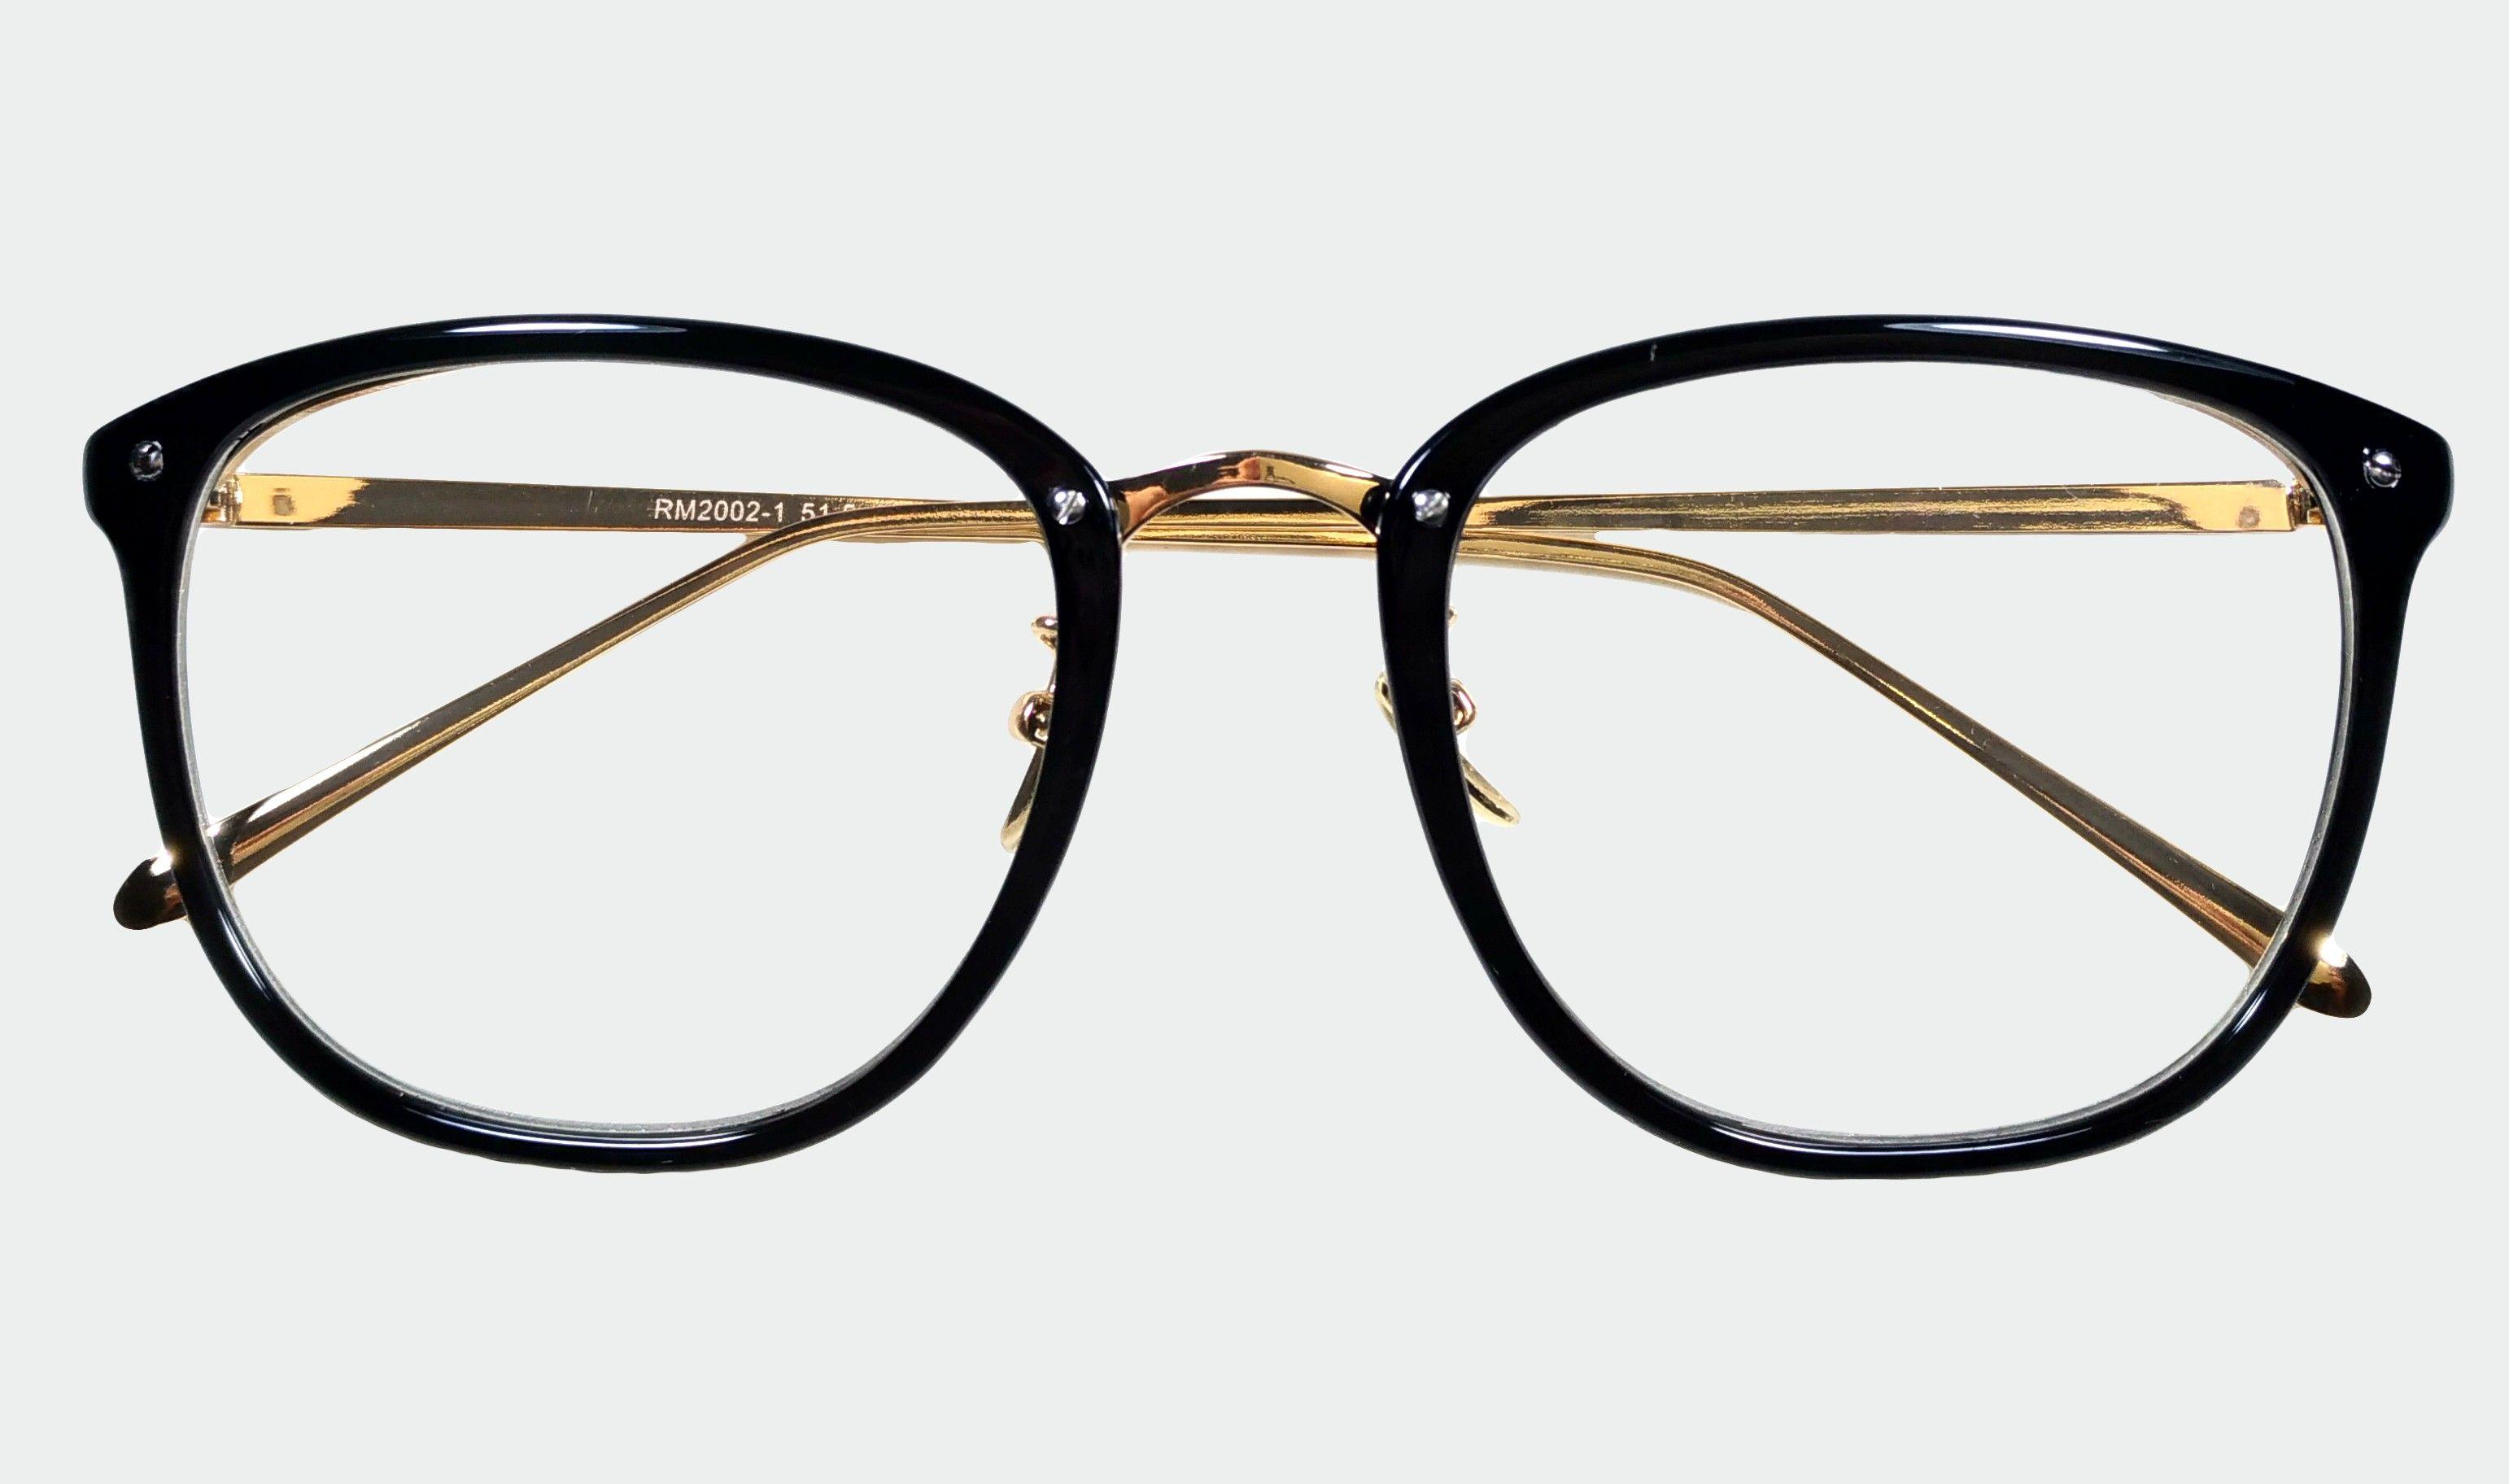 Oculos De Grau Em Acetato Floral Quadrado Com Hastes Em Metal